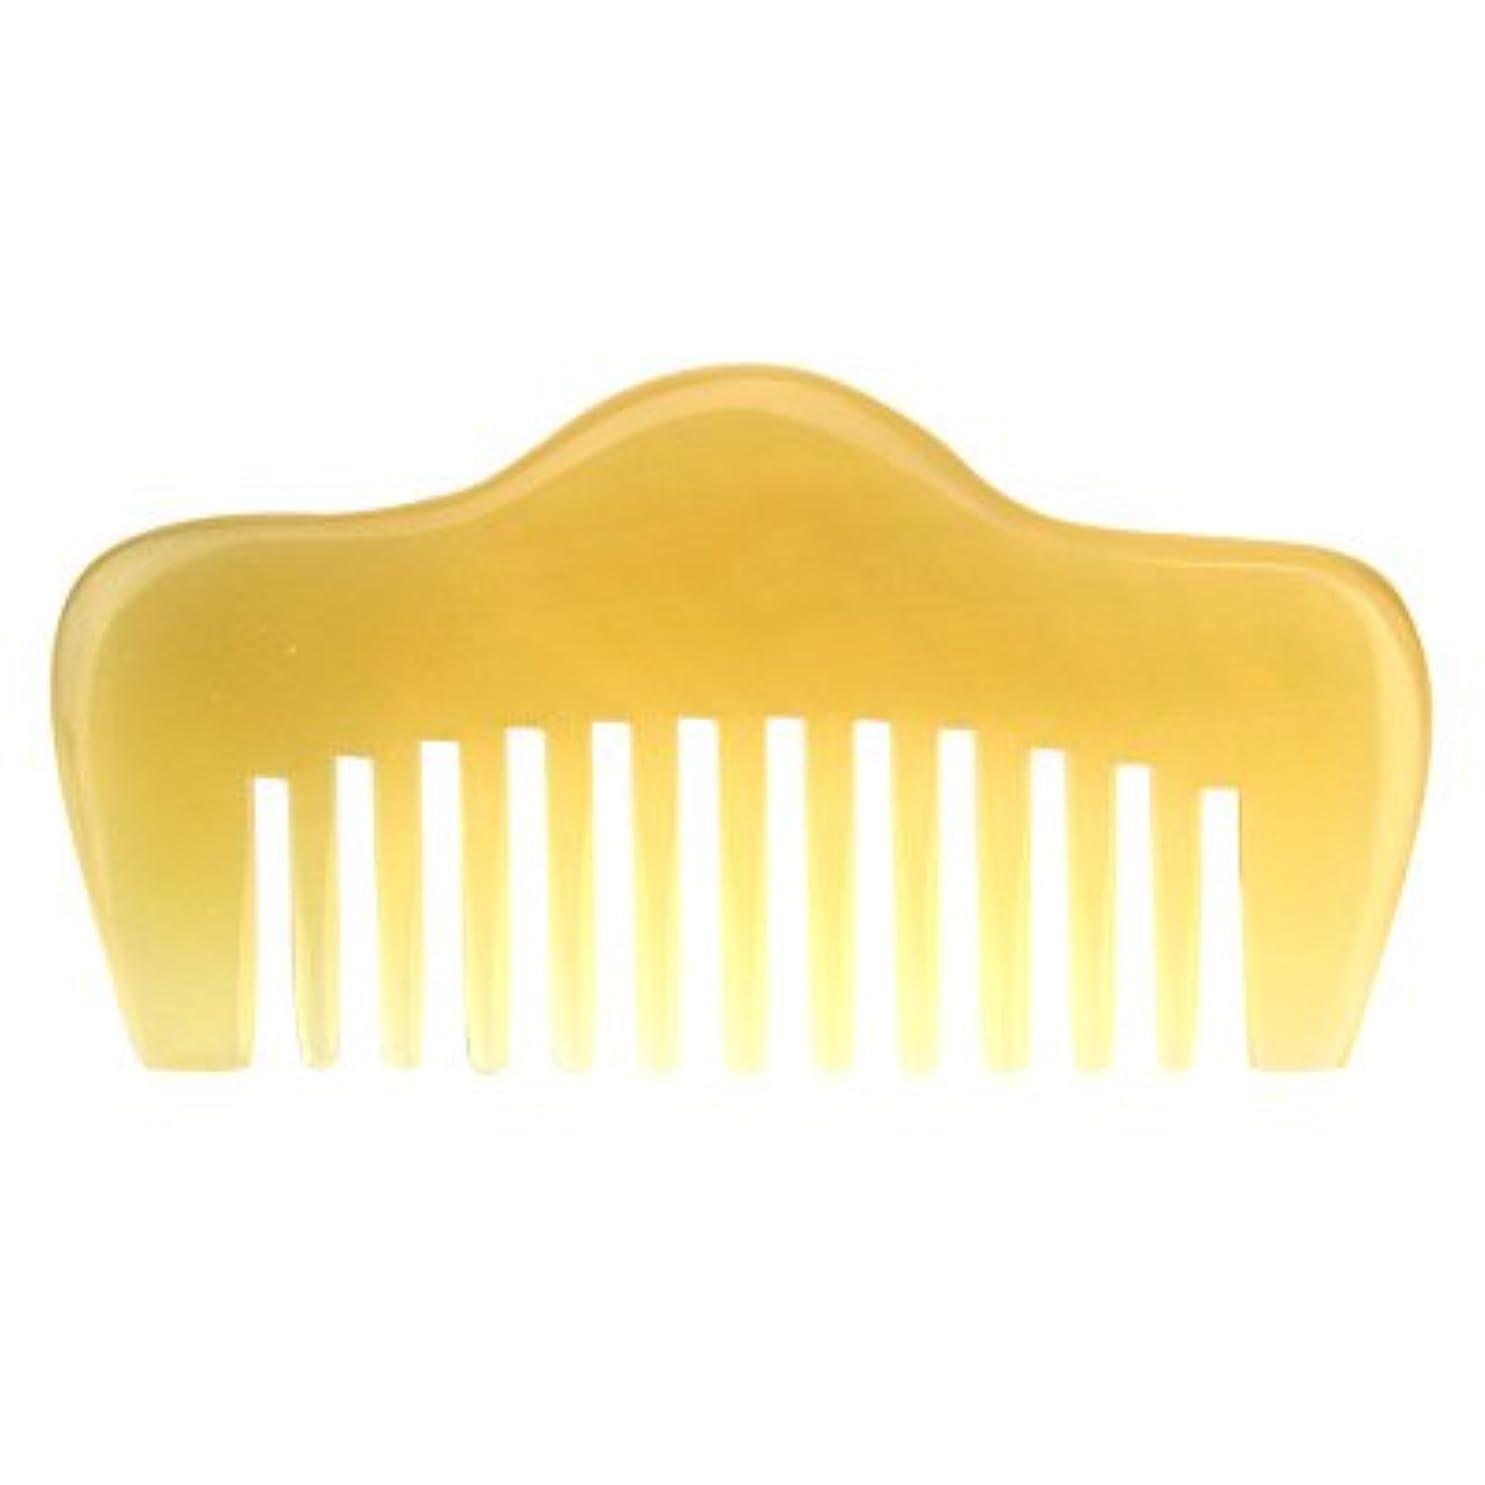 座る歯科医ゴミ箱プロも使う羊角かっさプレート 羊櫛 高級 天然 静電気 防止 美髪 粗歯 櫛型 美顔 ボディ リンパマッサージ